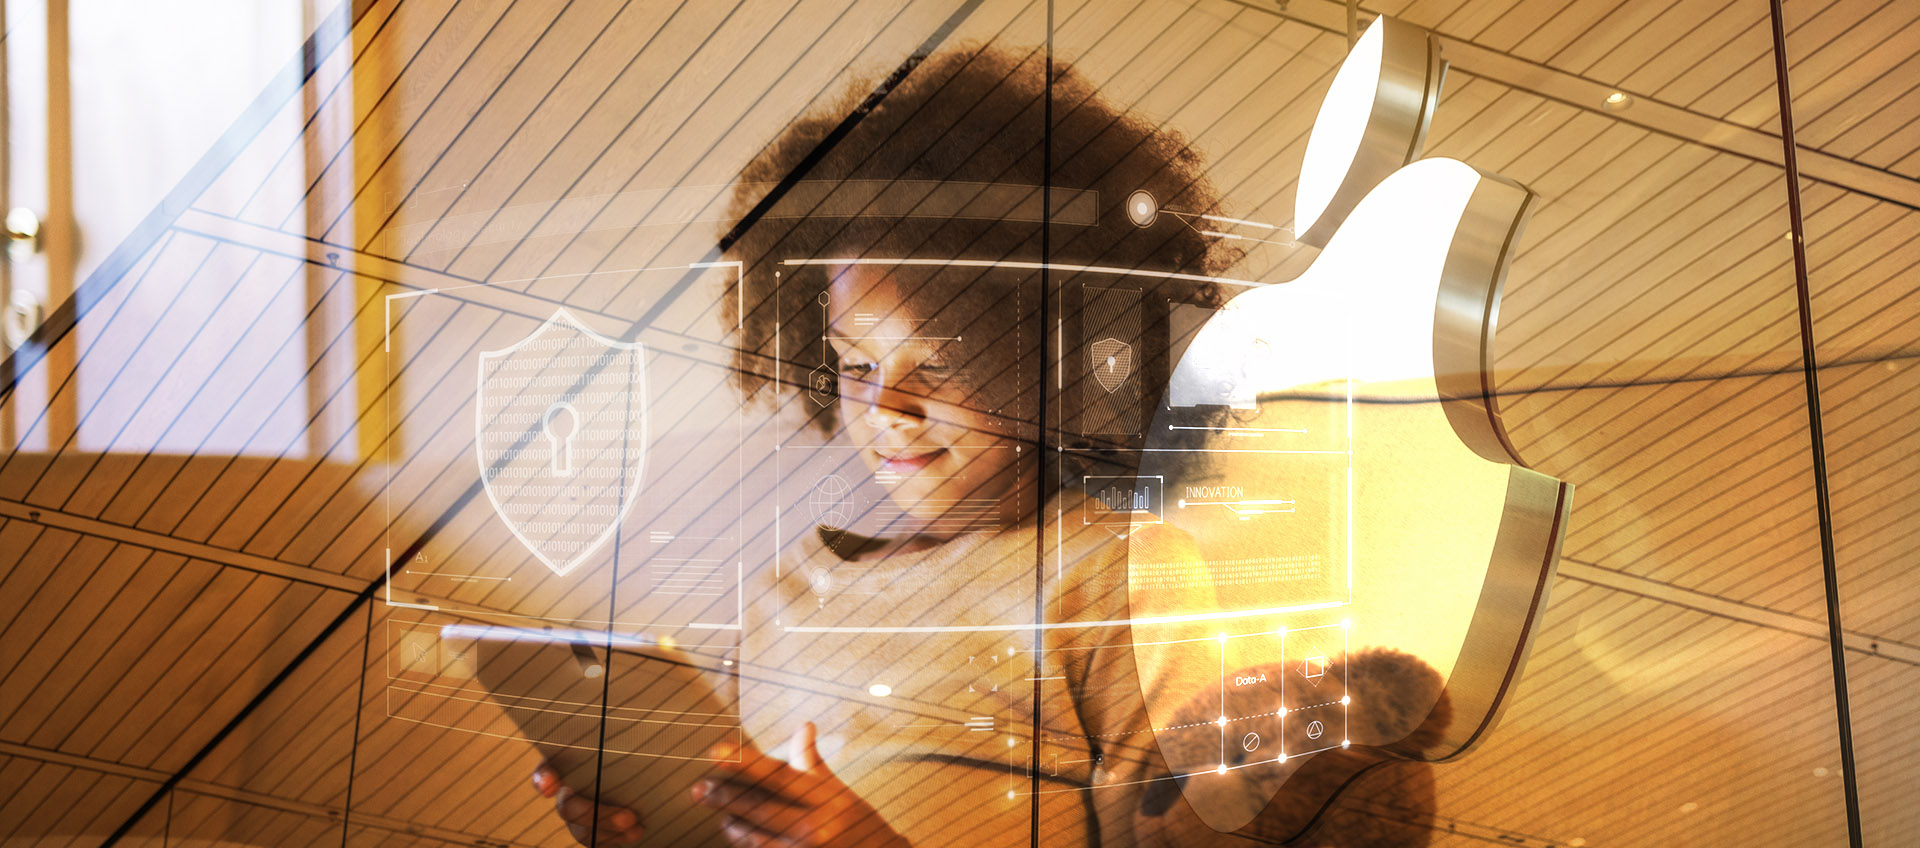 Apple veut lutter contre la pédocriminalité en scannant||les téléphones portables